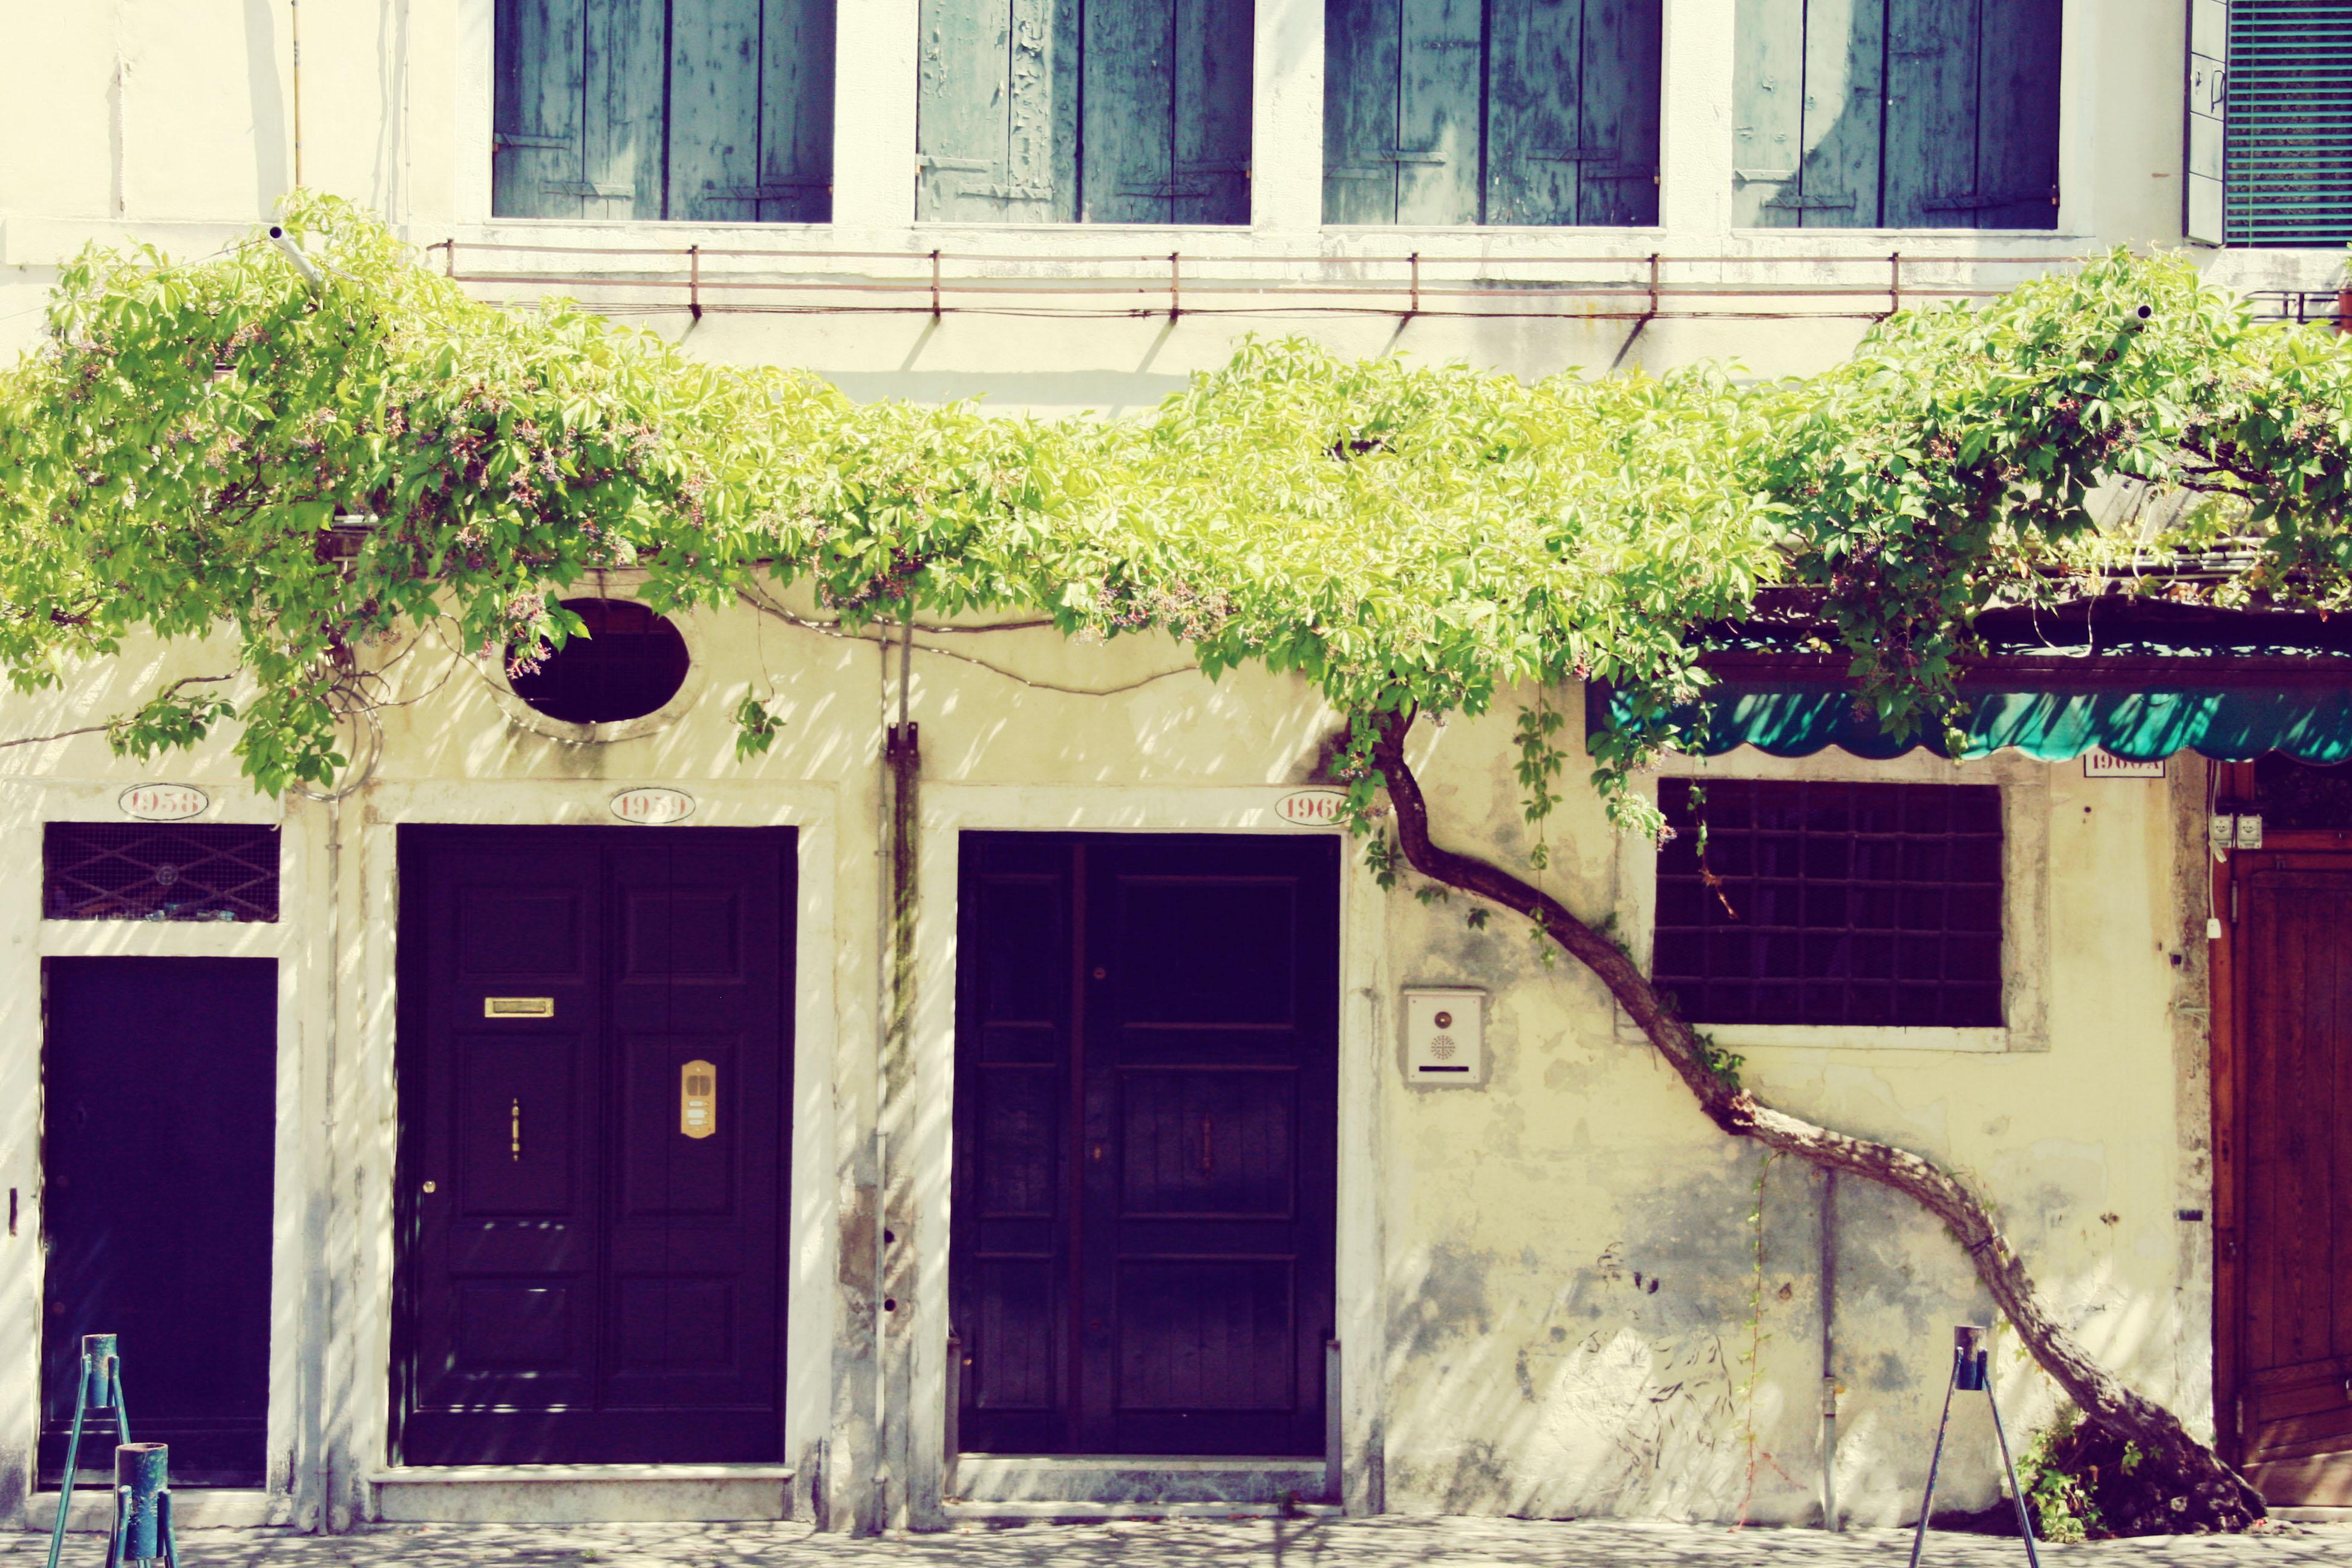 Venezia 2013 I (11)